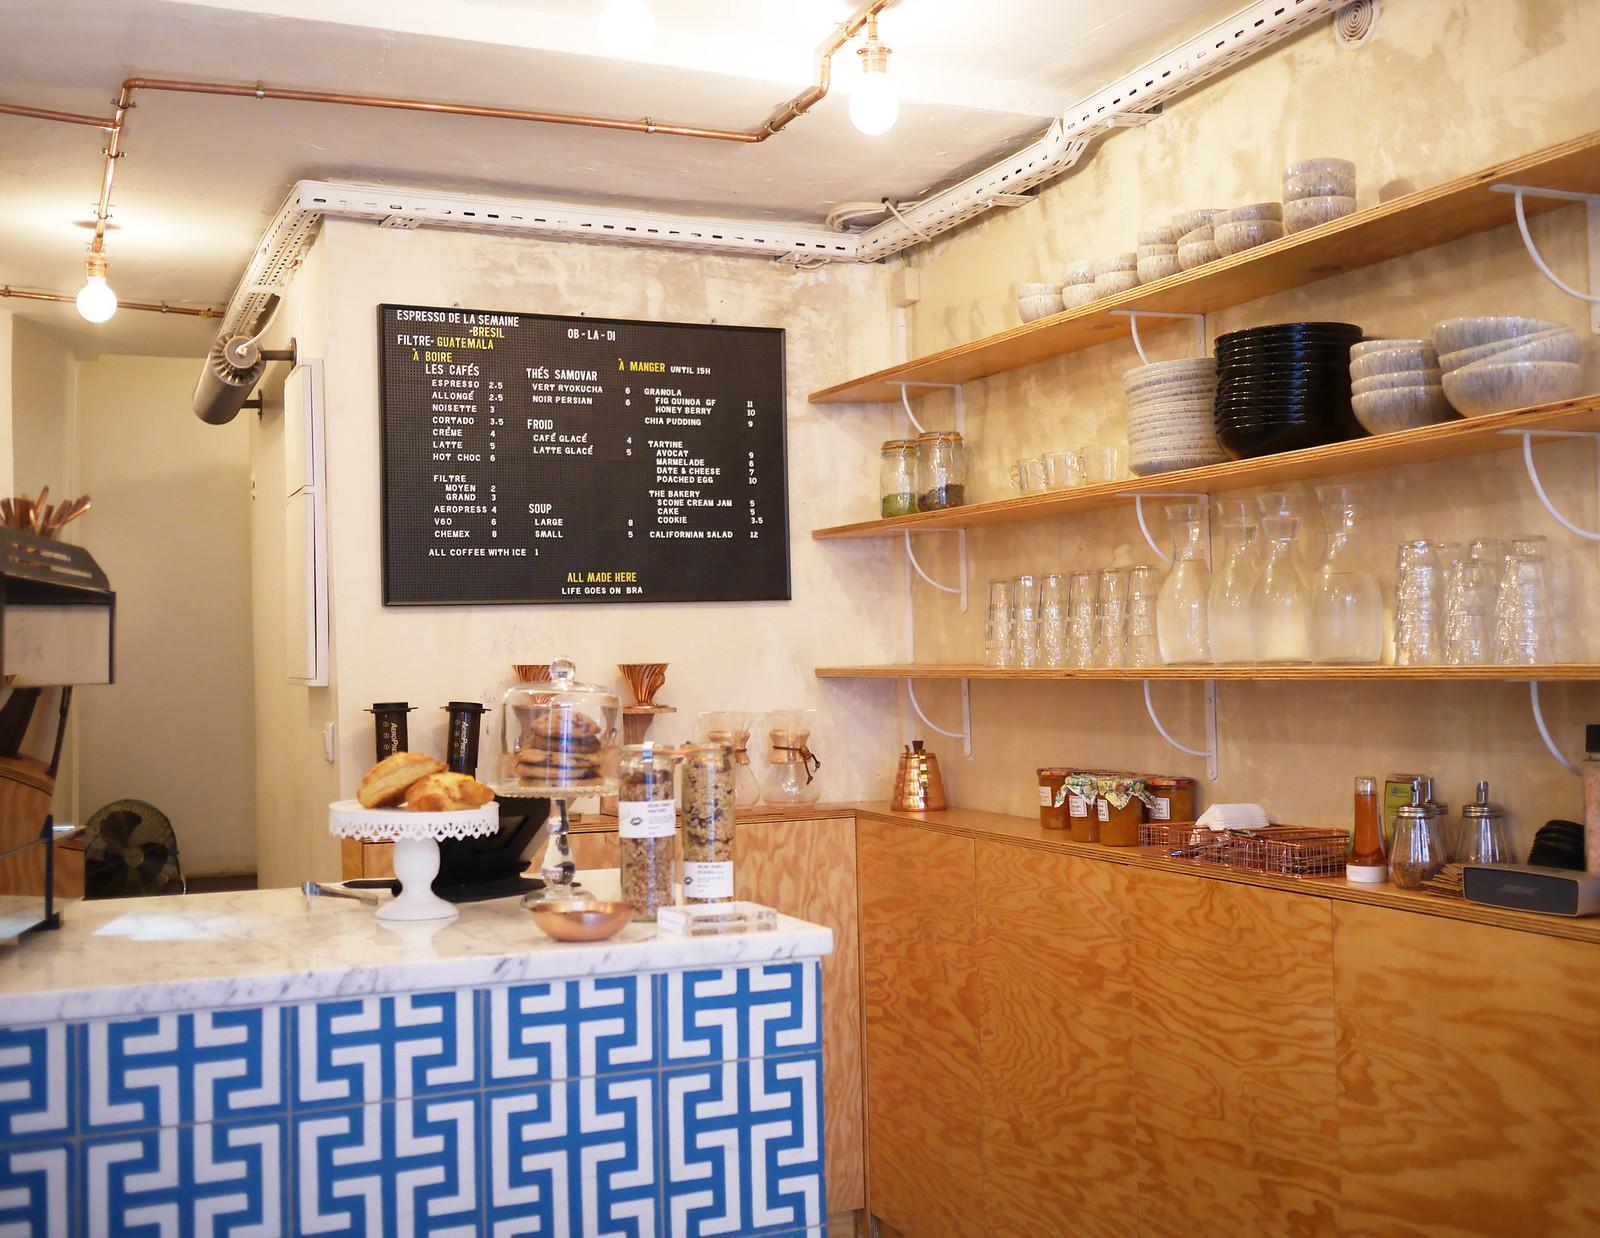 obladi_cafe_interior